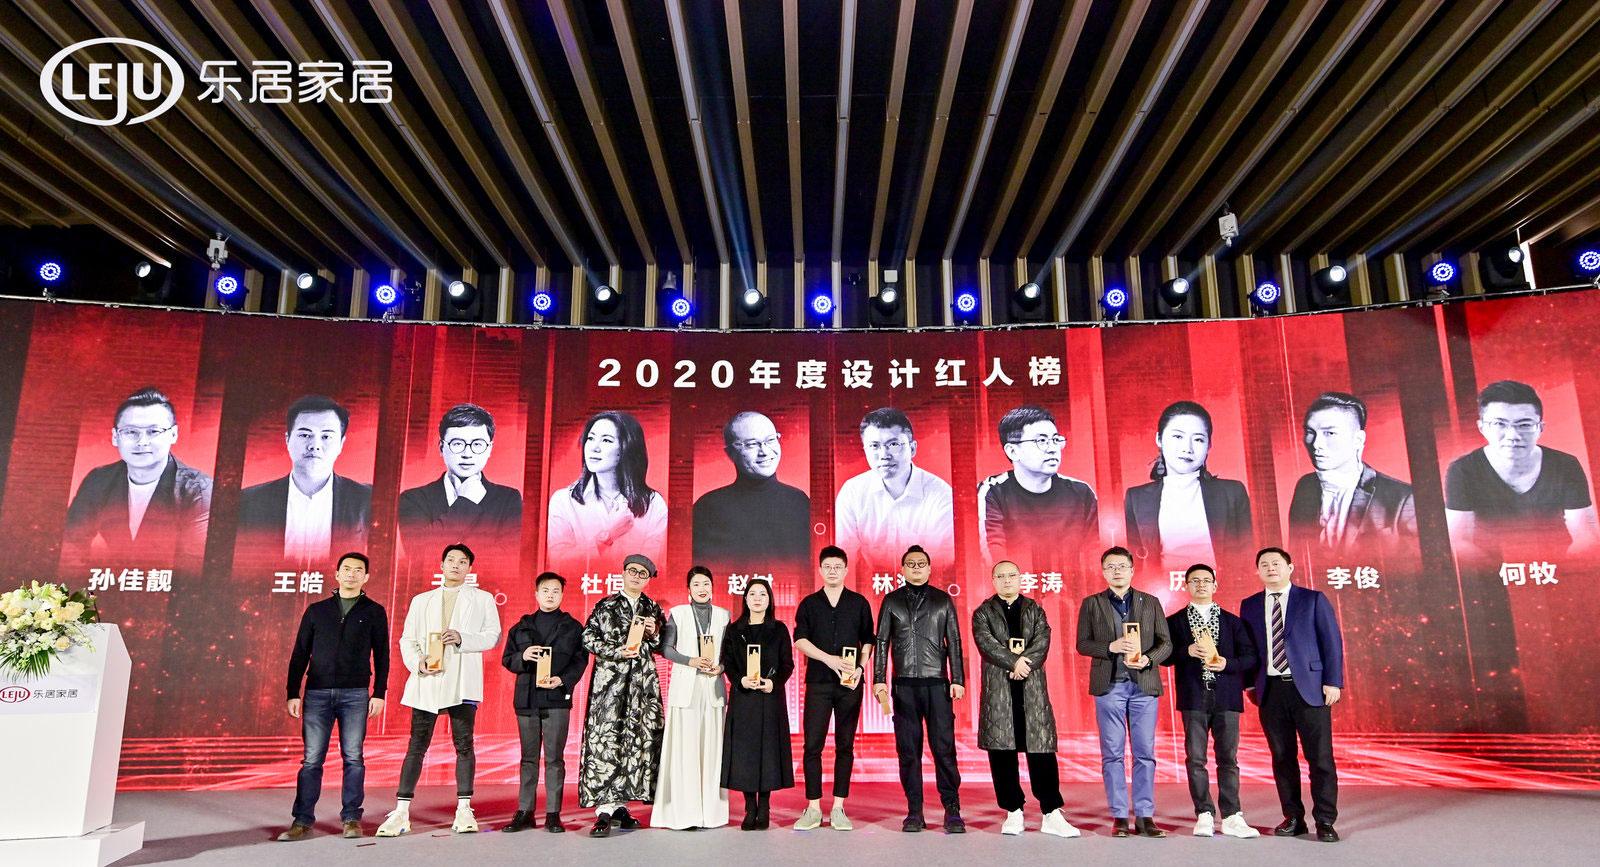 2020设计红人榜年度十大设计师重磅揭晓!